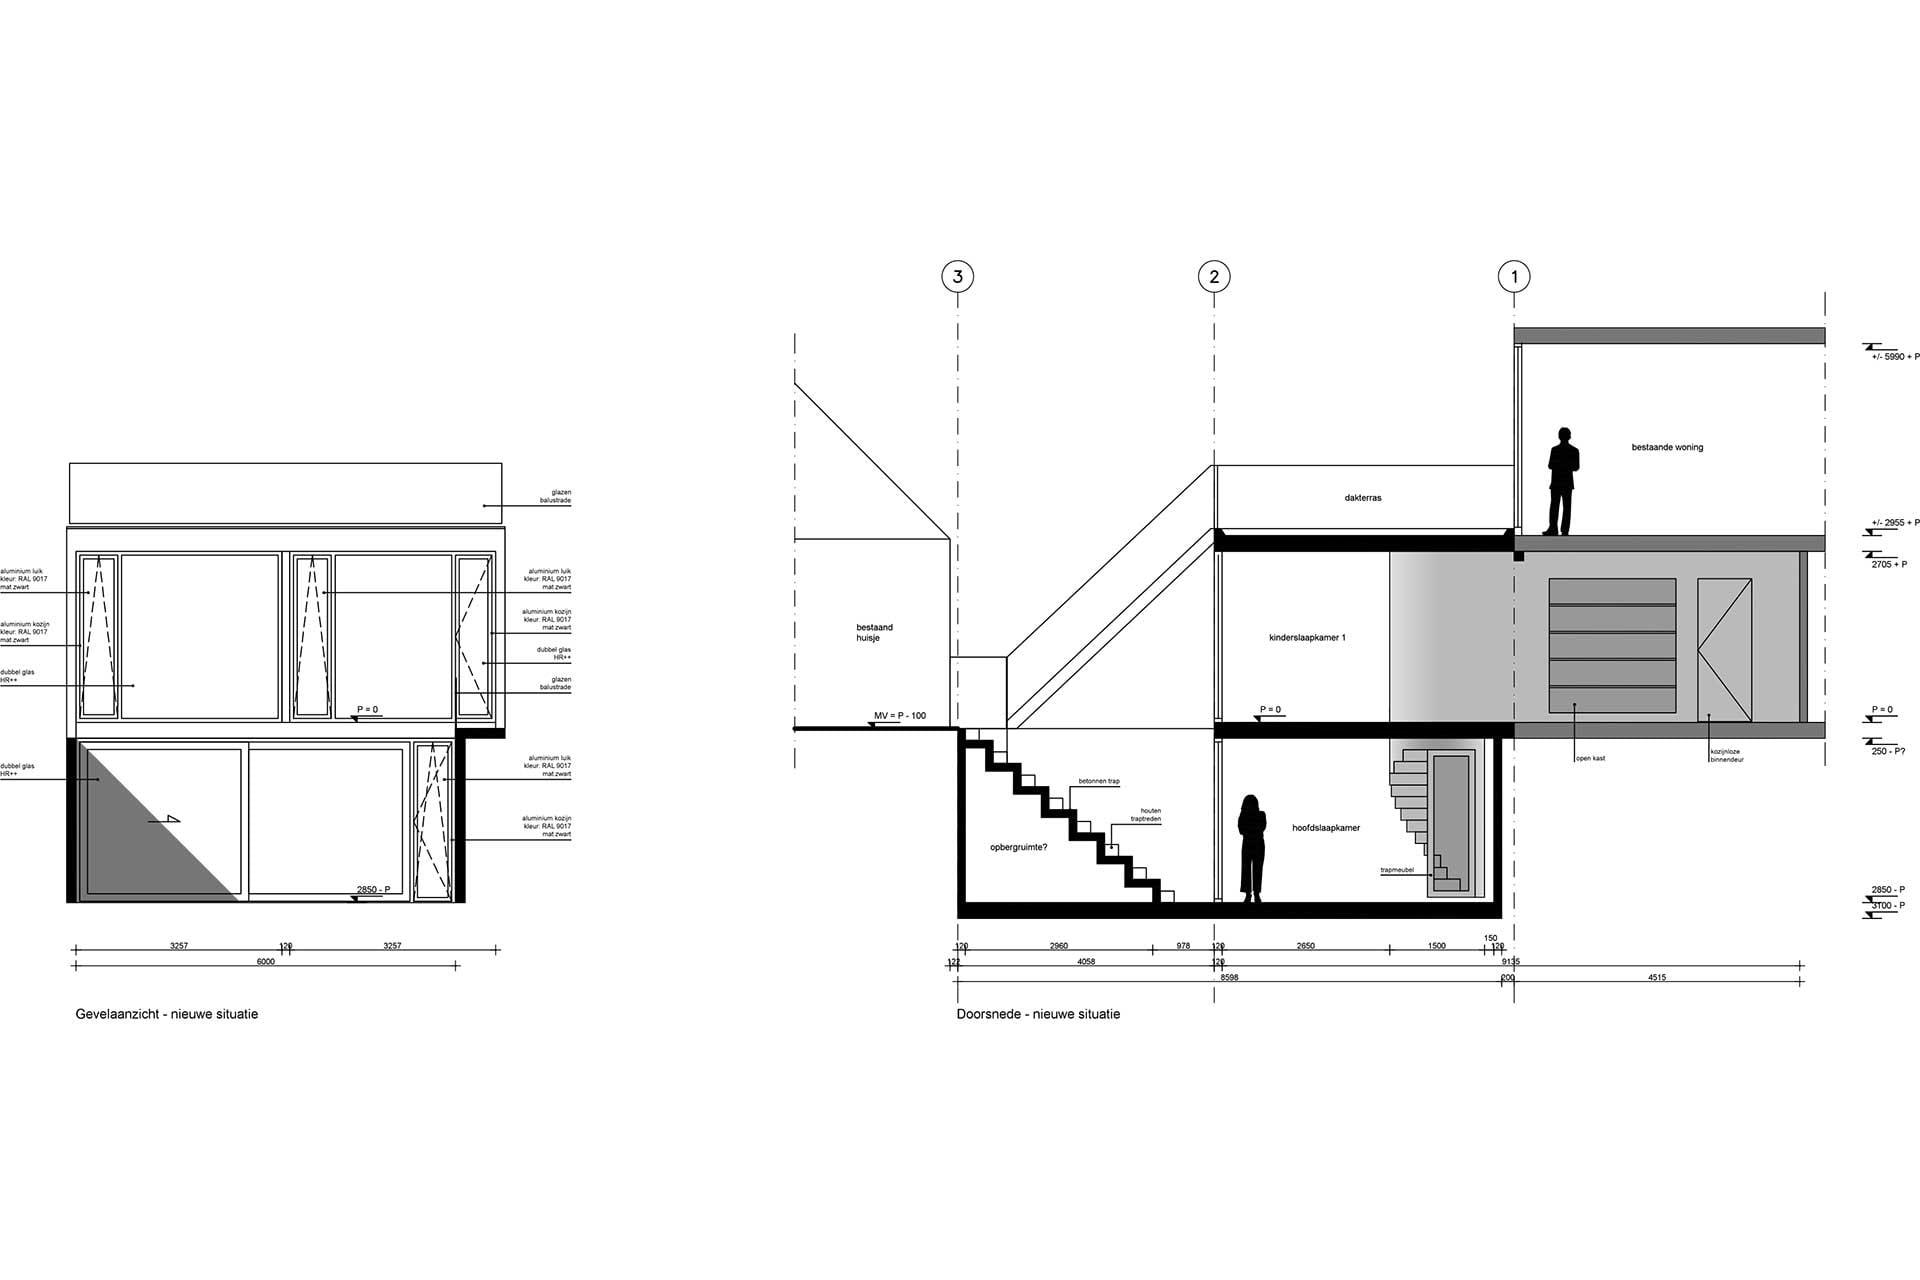 8A Architecten uitbouw met kelder, Tolsteegsingel, Utrecht